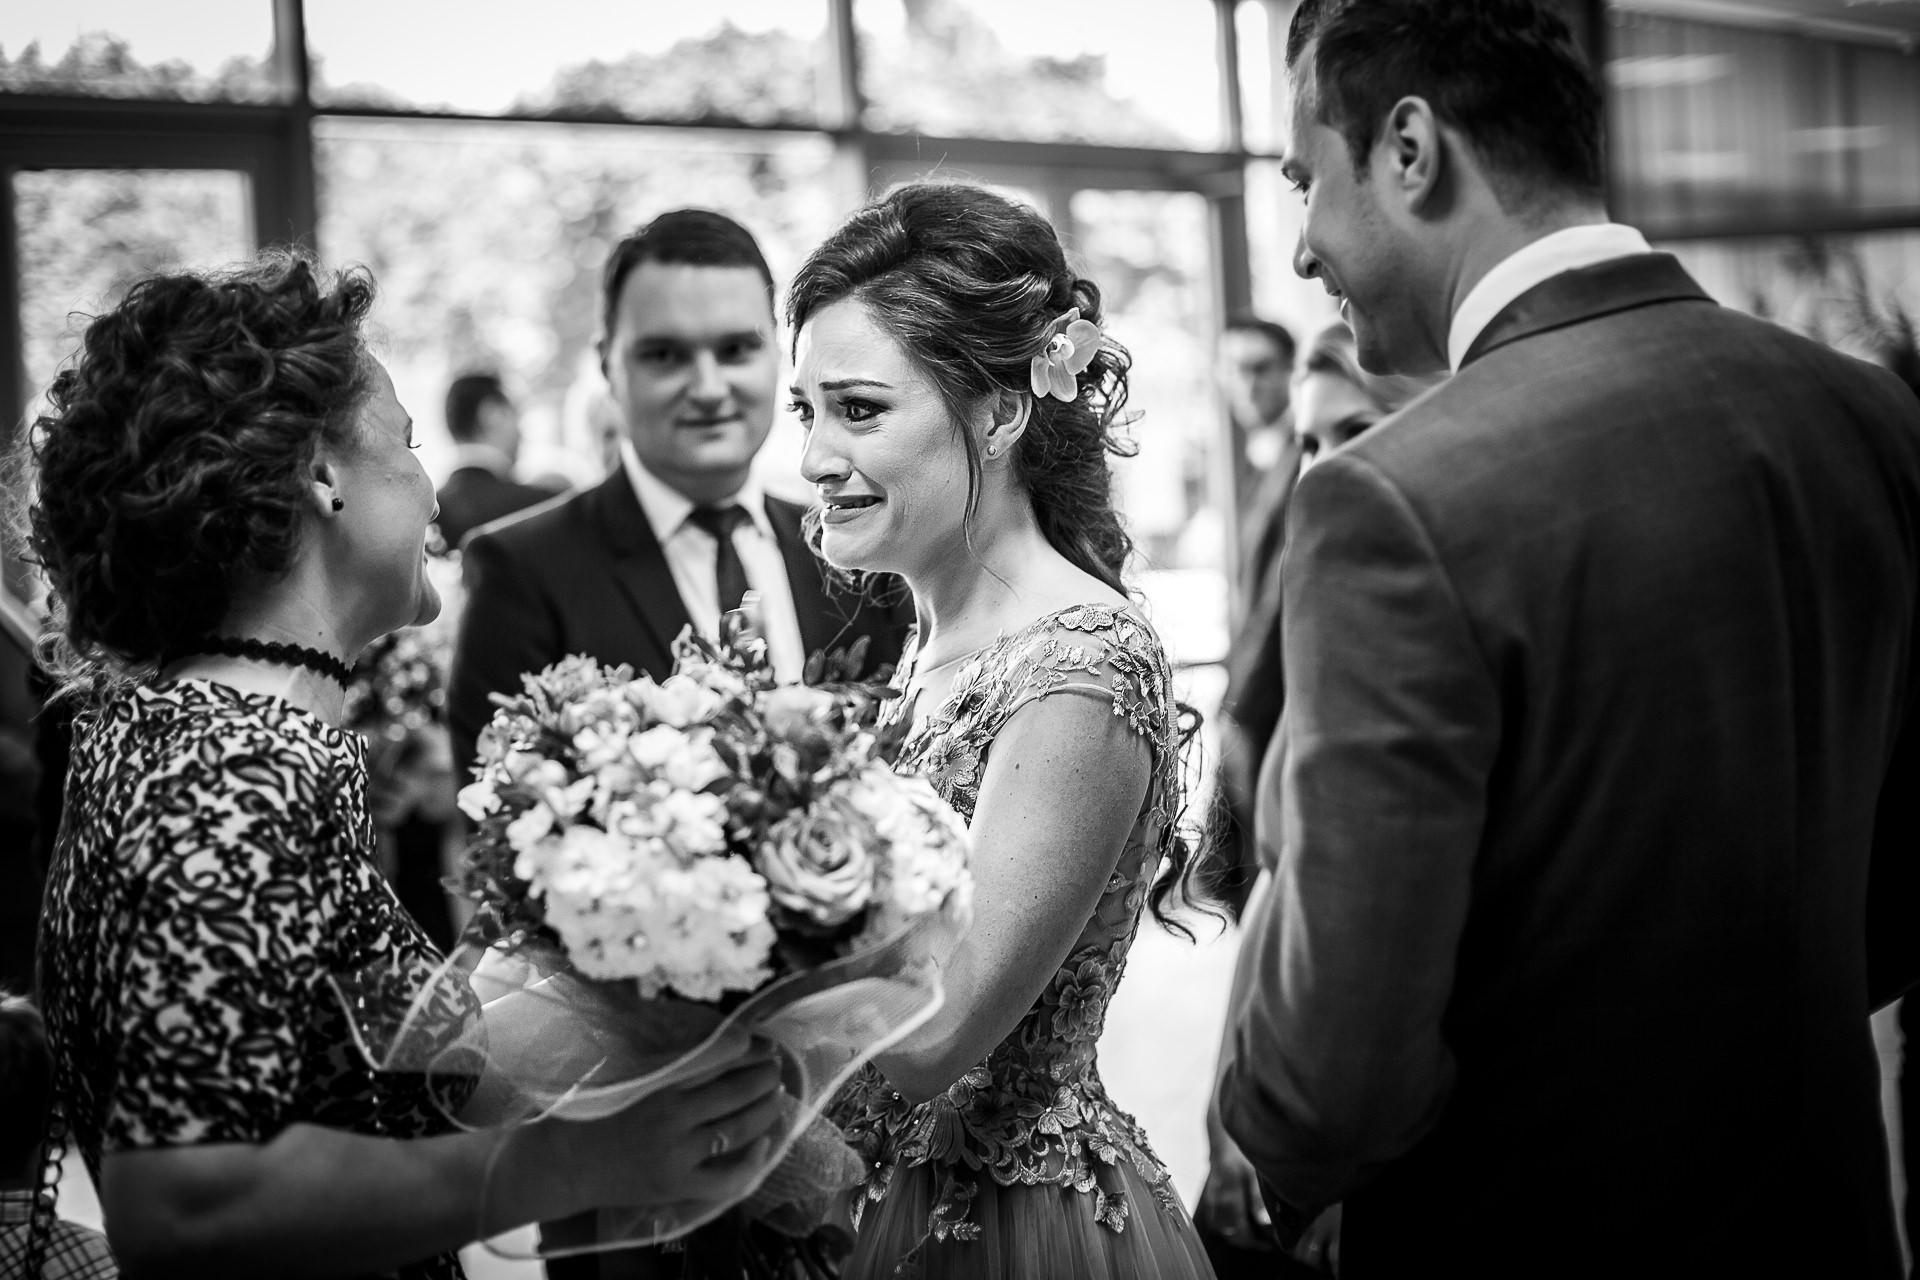 Şedinţă foto logodnă Bucureşti - Irina şi Alin - Mihai Zaharia Photography